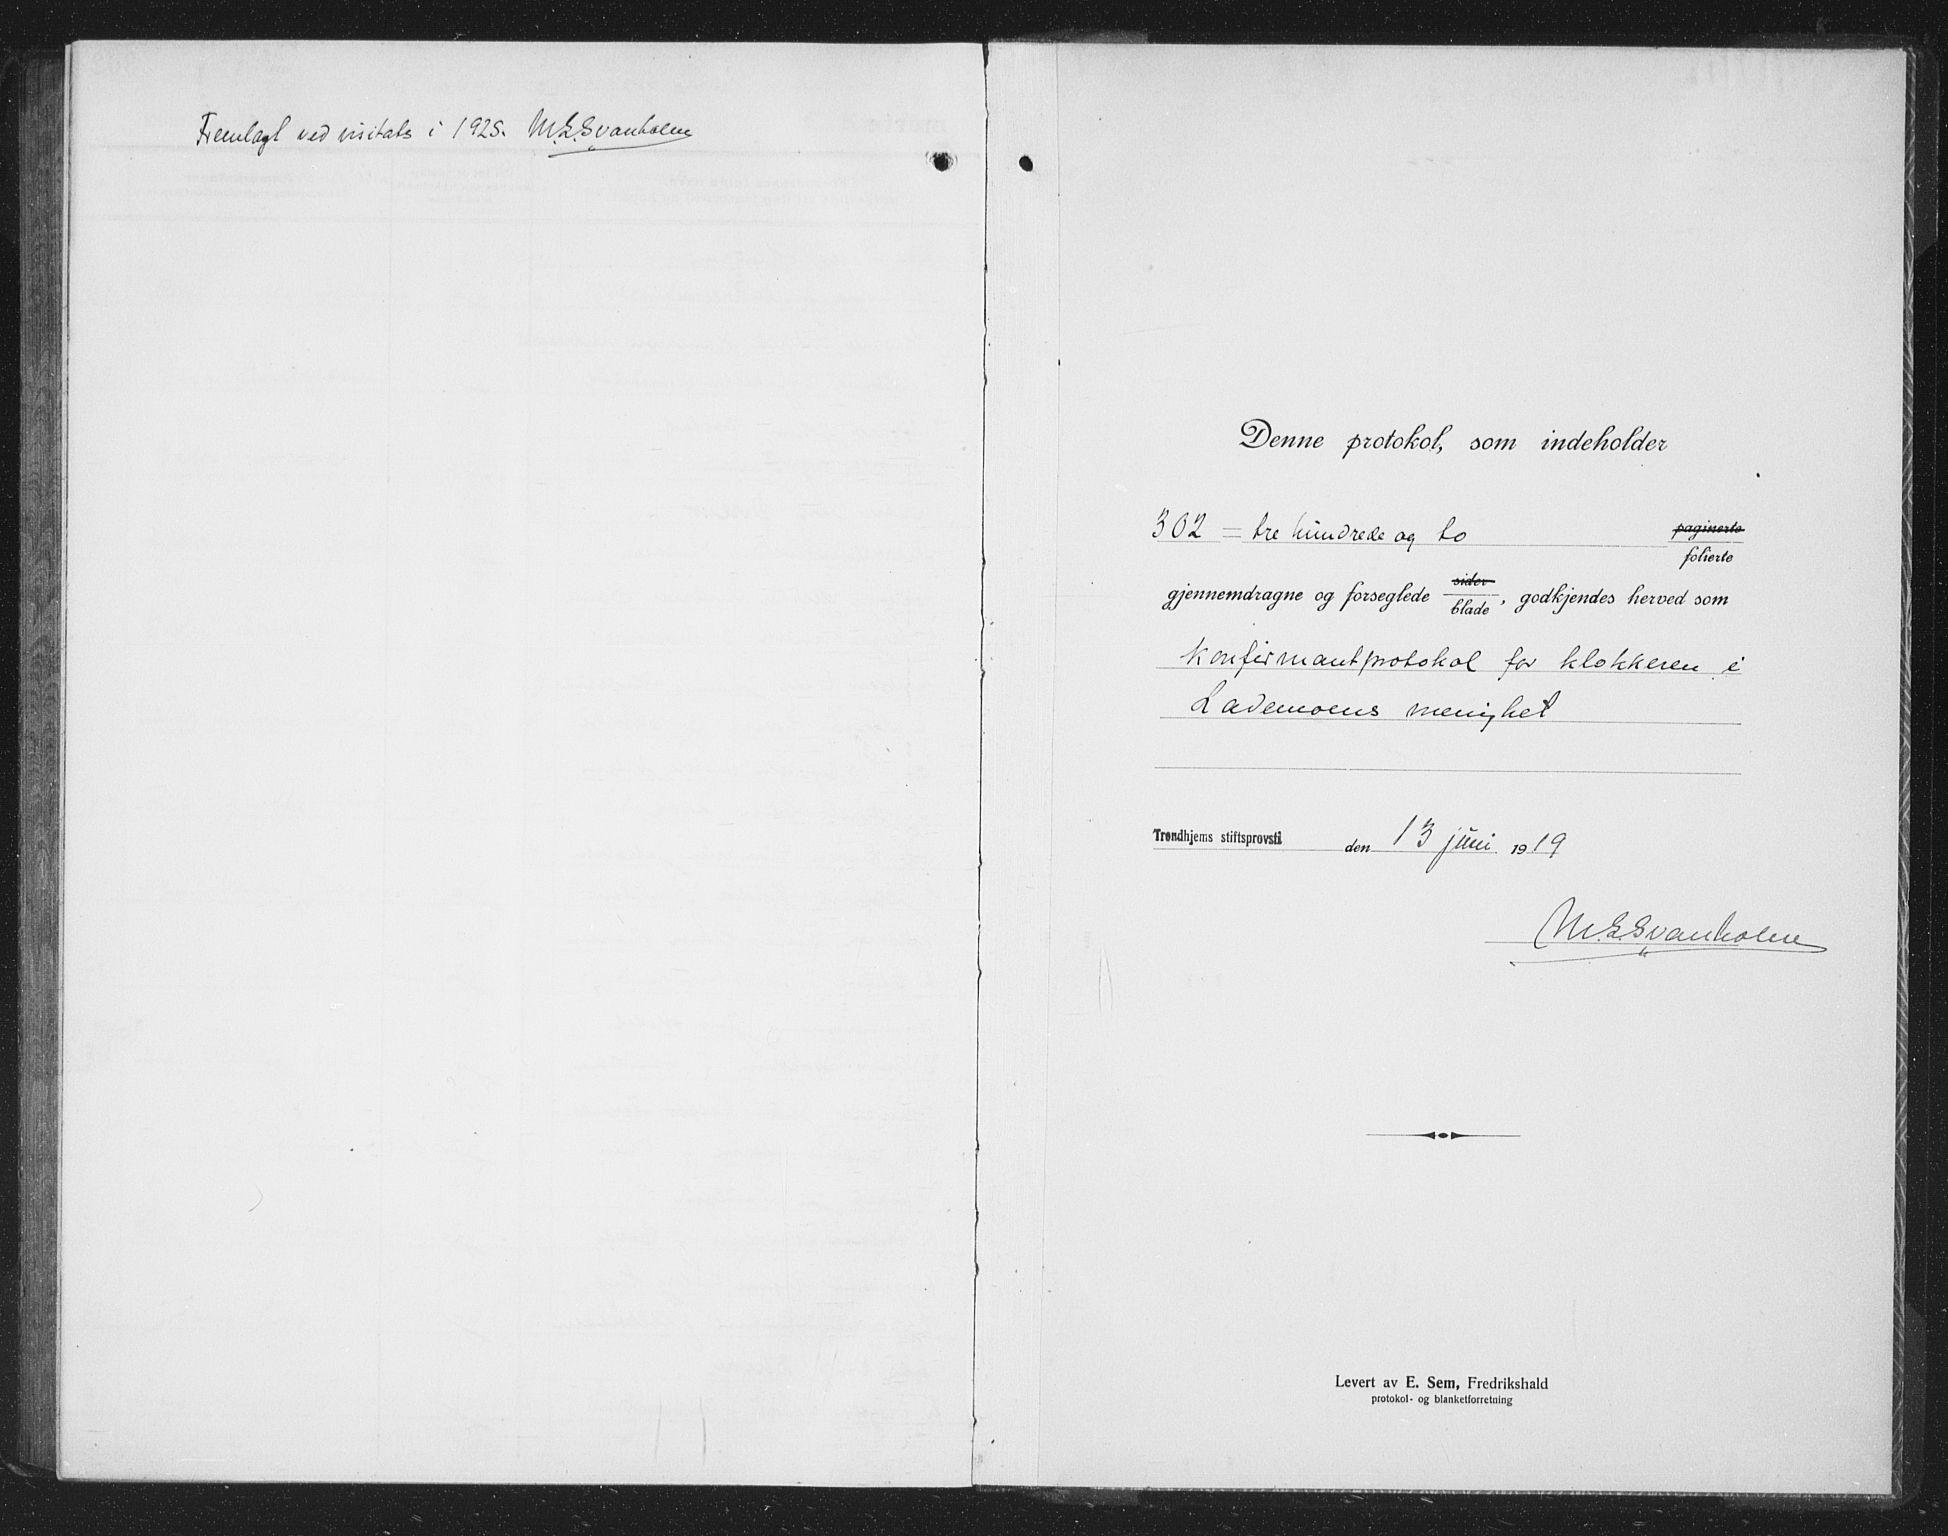 SAT, Ministerialprotokoller, klokkerbøker og fødselsregistre - Sør-Trøndelag, 605/L0258: Klokkerbok nr. 605C05, 1918-1930